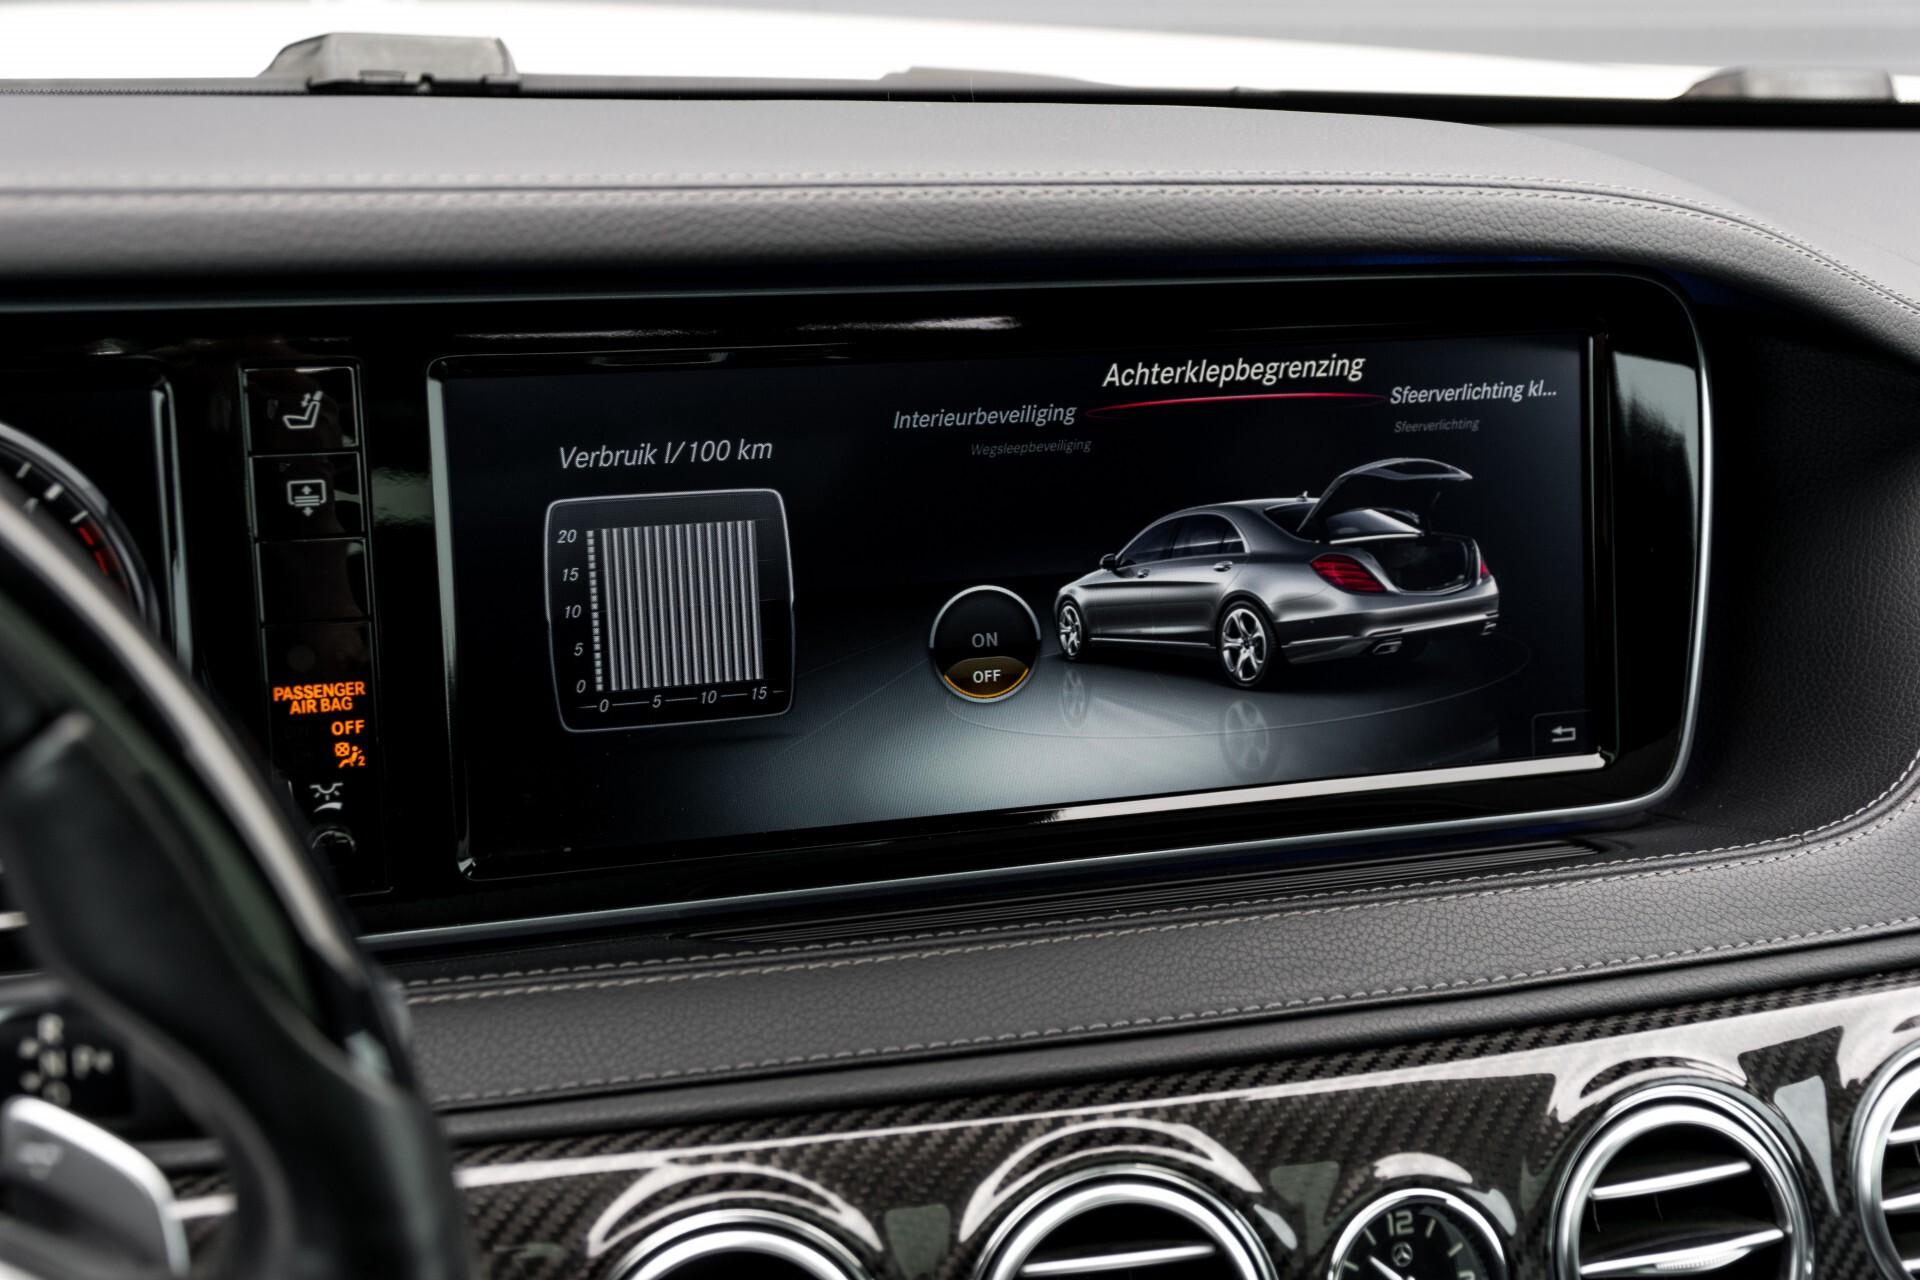 Mercedes-Benz S-Klasse 350 Bluetec Lang 4-M AMG Plus Carbon/Burmester 3D/Standkachel/4xMassage/Entertainment Aut7 Foto 43